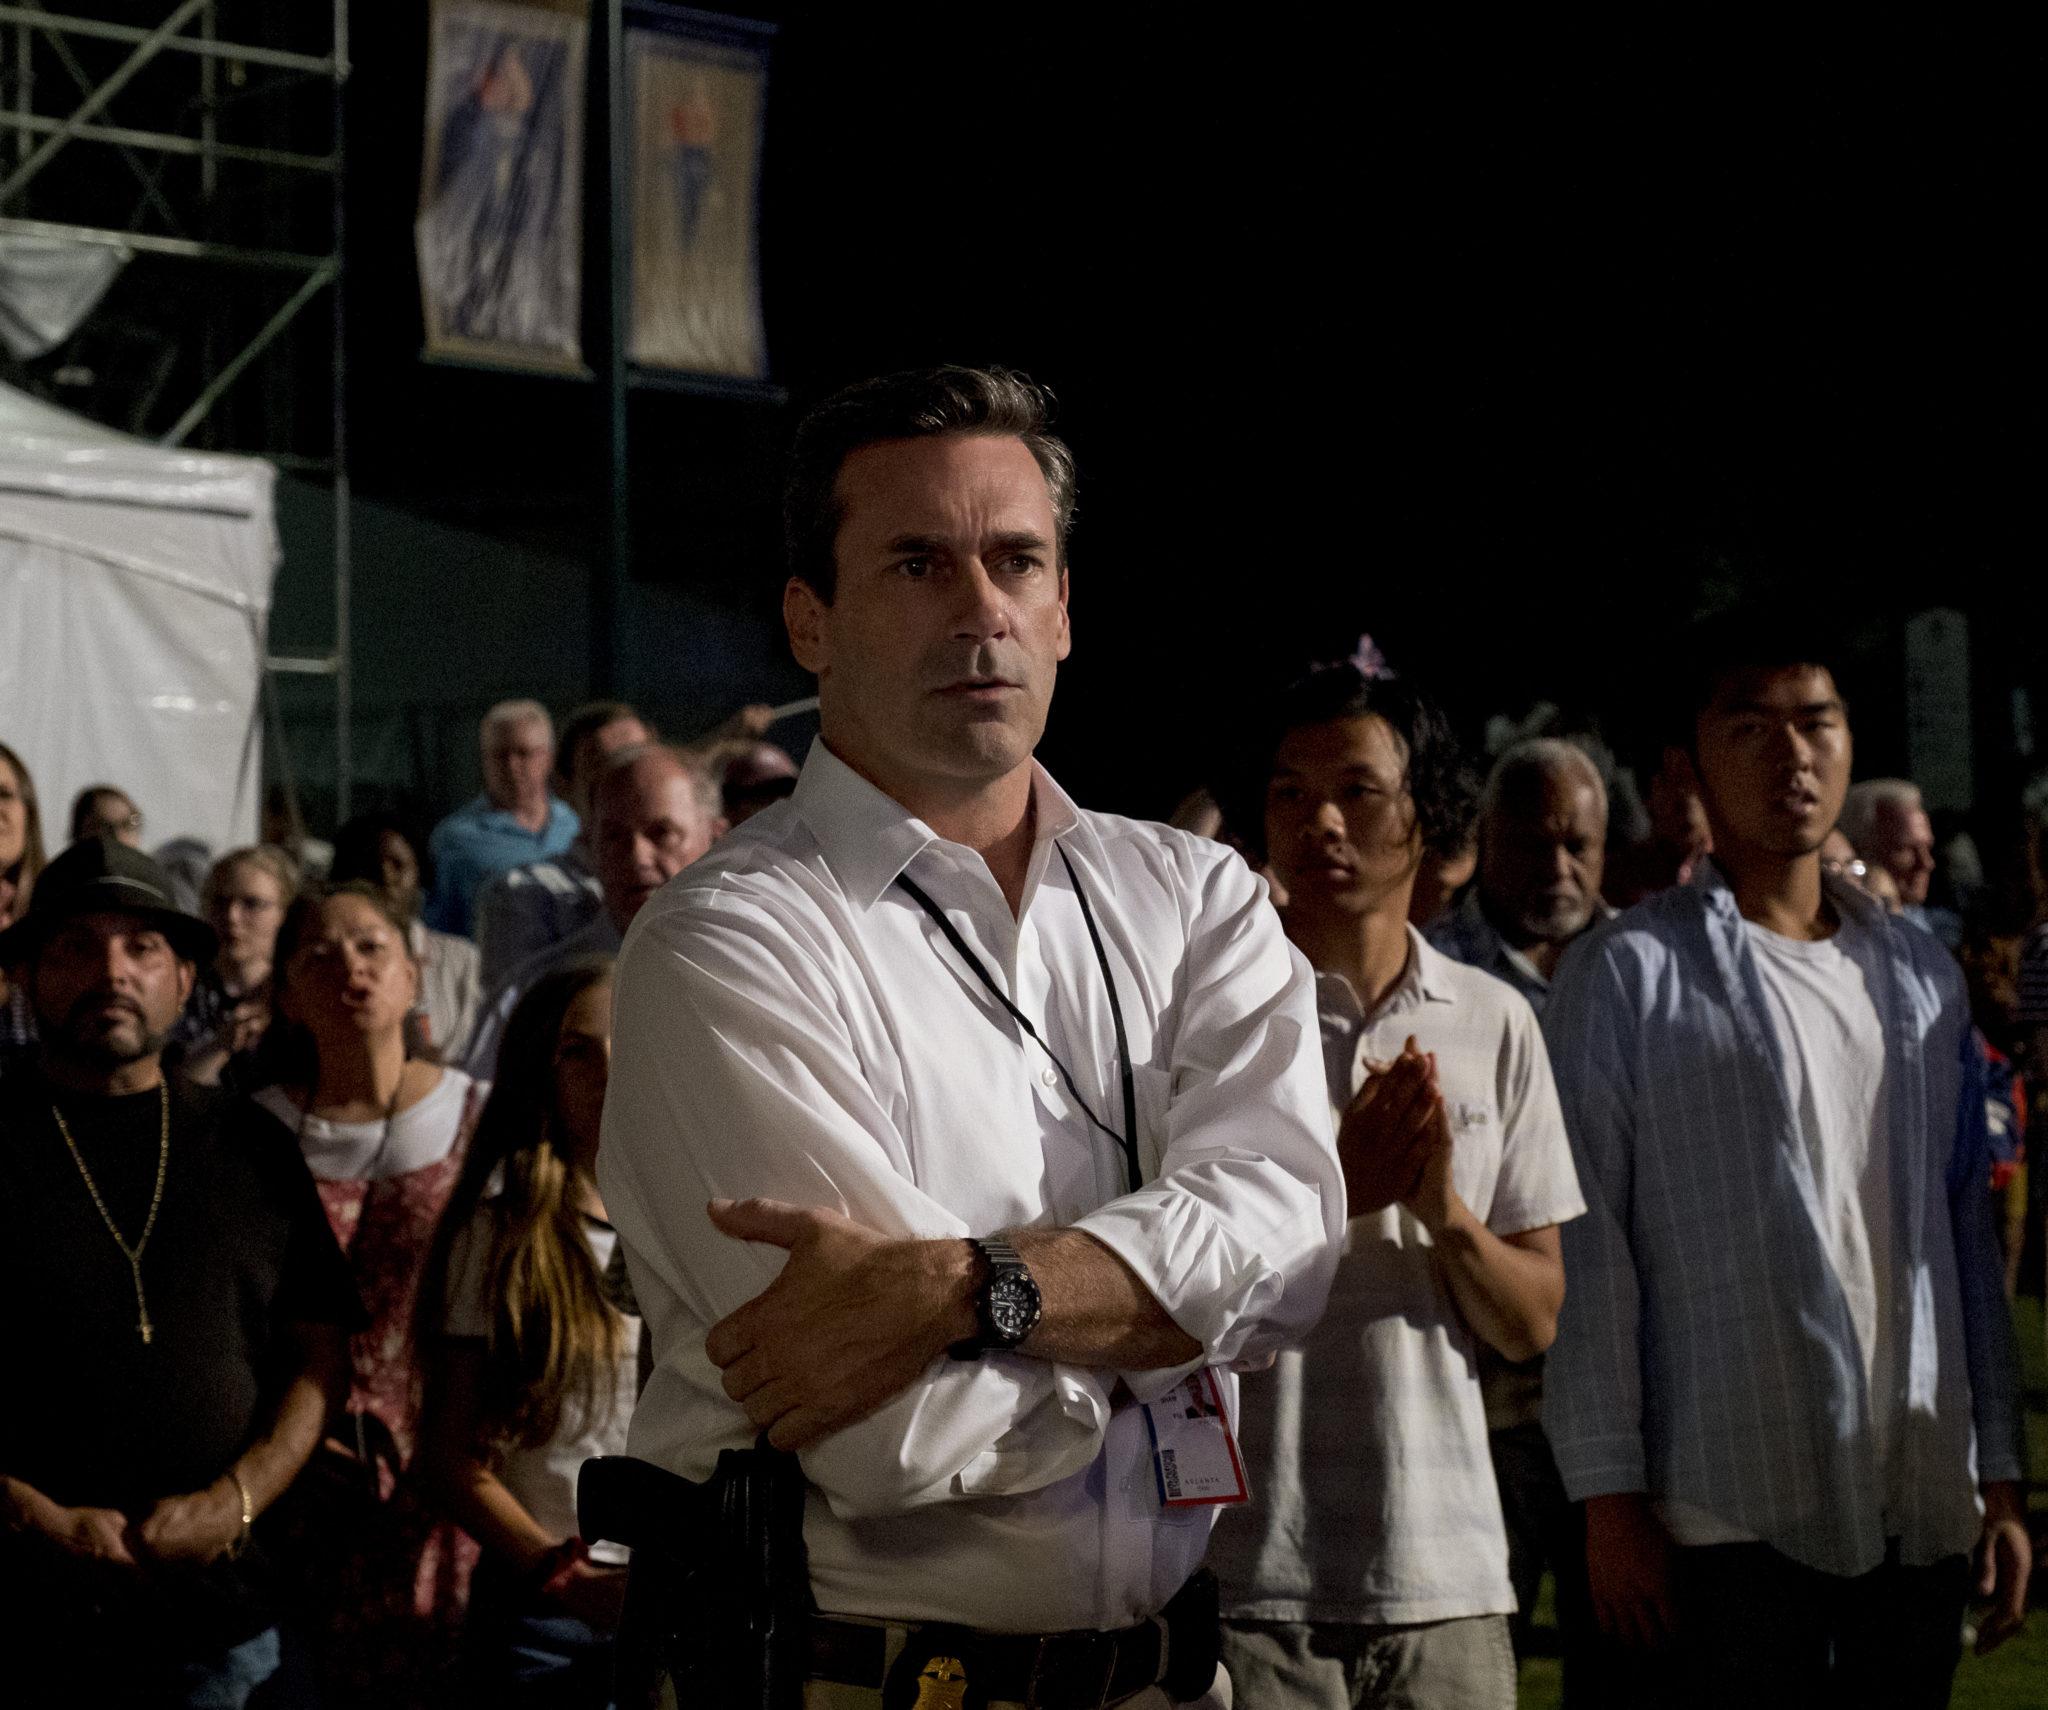 FBI Agent Tom Shaw (Jon Hamm) beobachtet wachsam die Menge, in welcher er sich befindet. Statt findet das bei einer Veranstaltung der Olympischen Spiele.